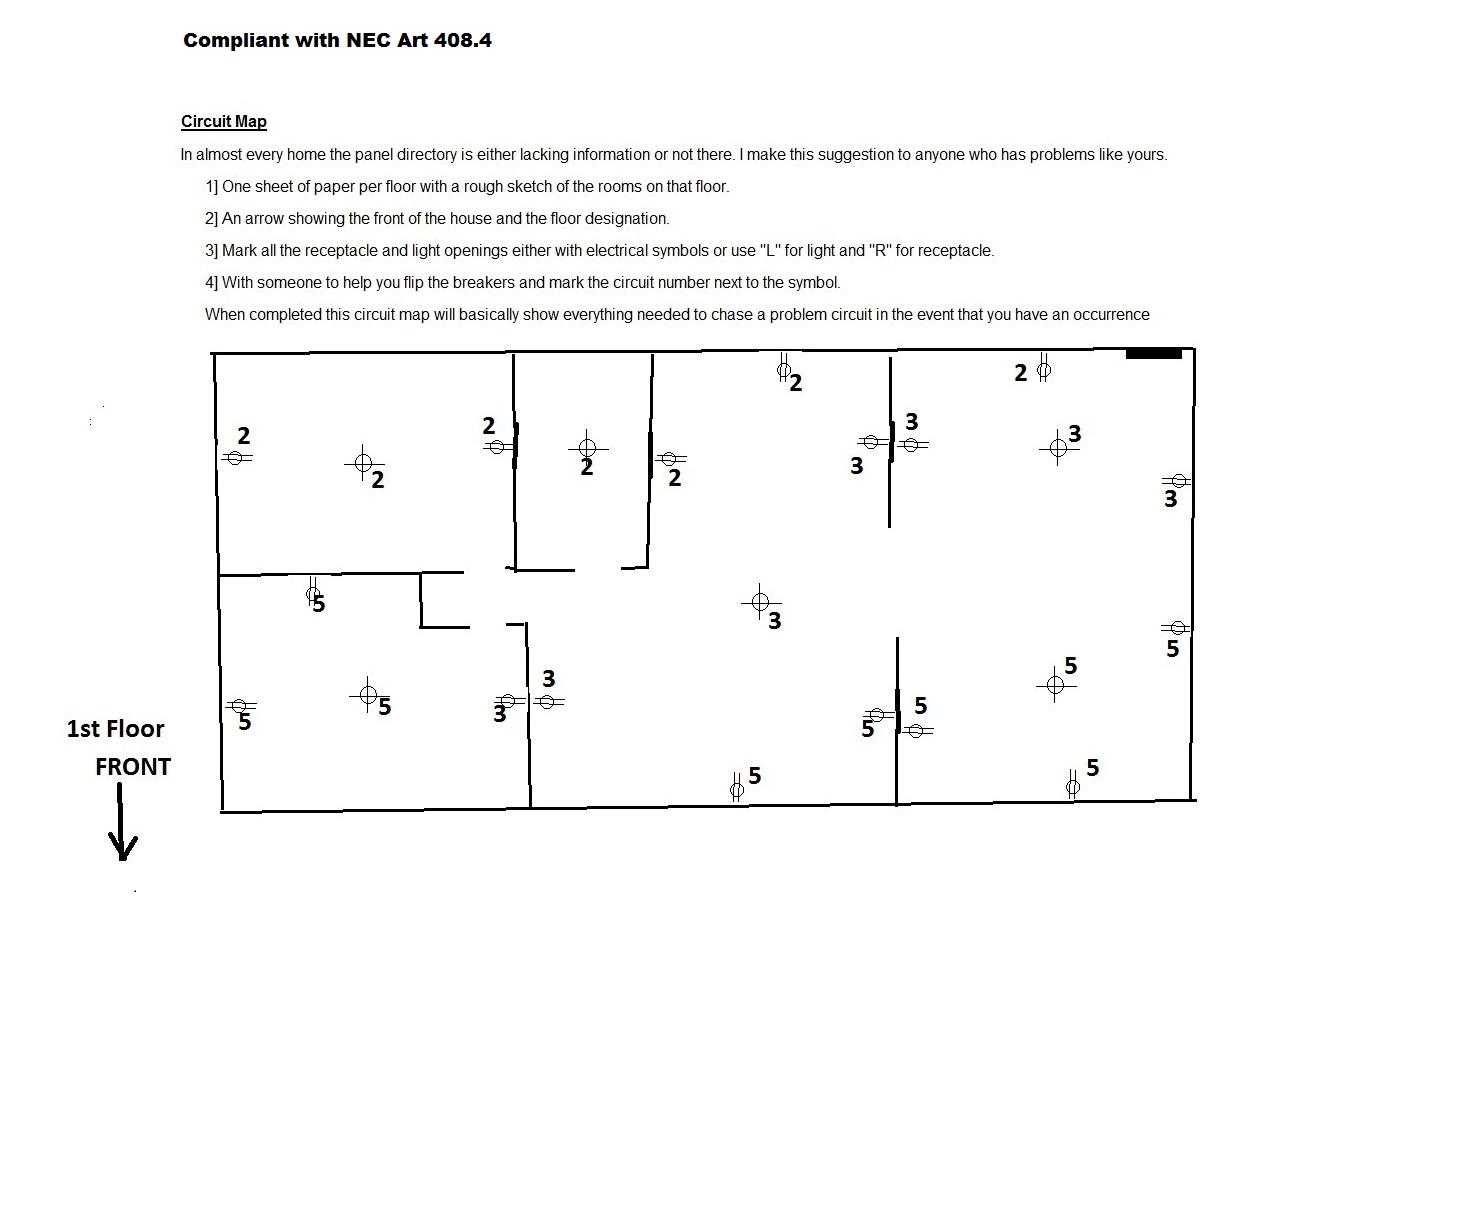 deb1f6a4-a6e9-4836-84c4-fd87796ccb04_Circuit Map.jpg